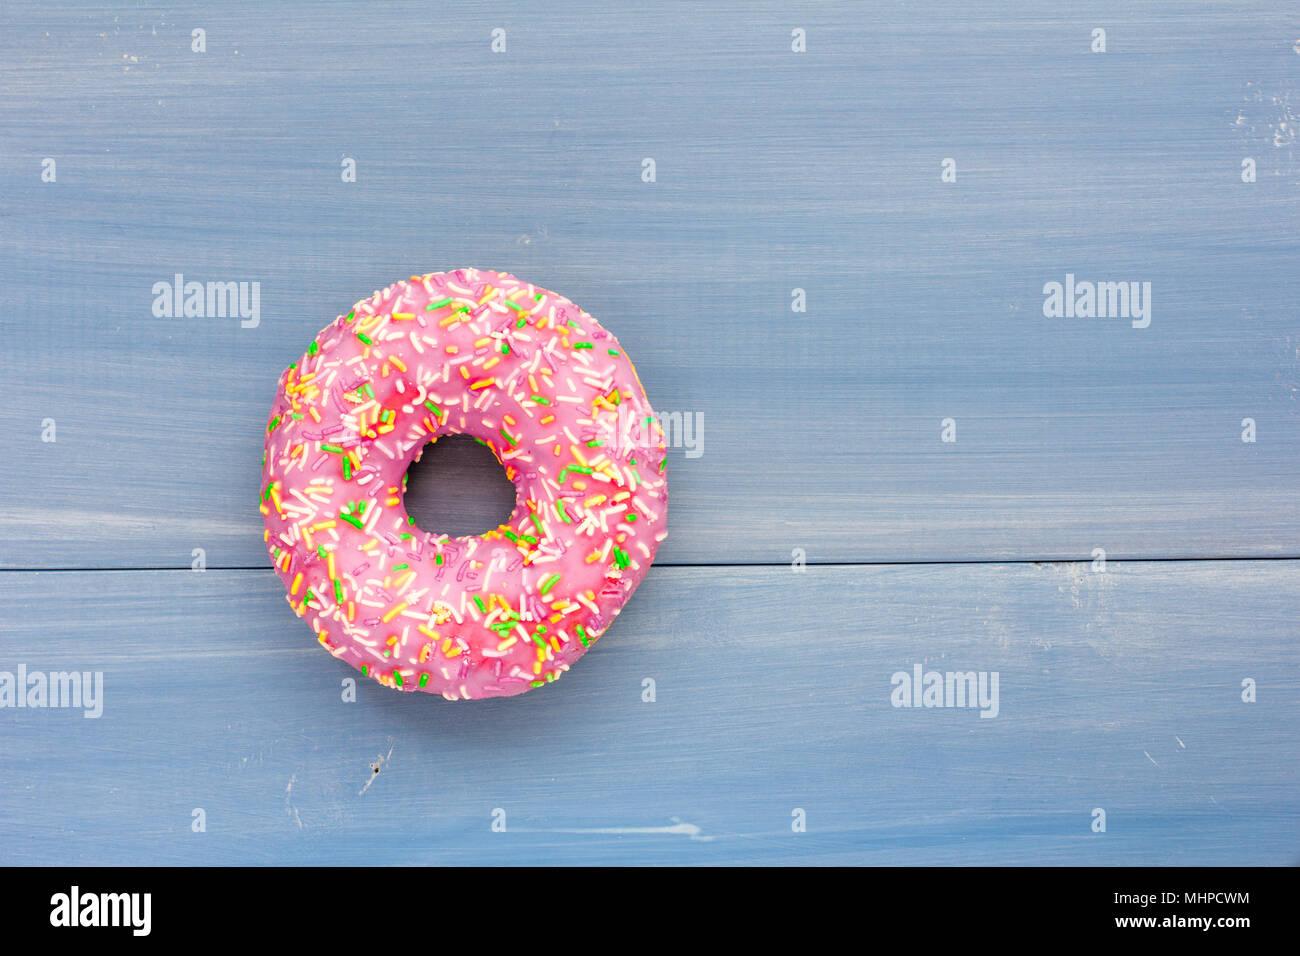 Eine einzelne Donut auf Blau Holz- Hintergrund Stockbild